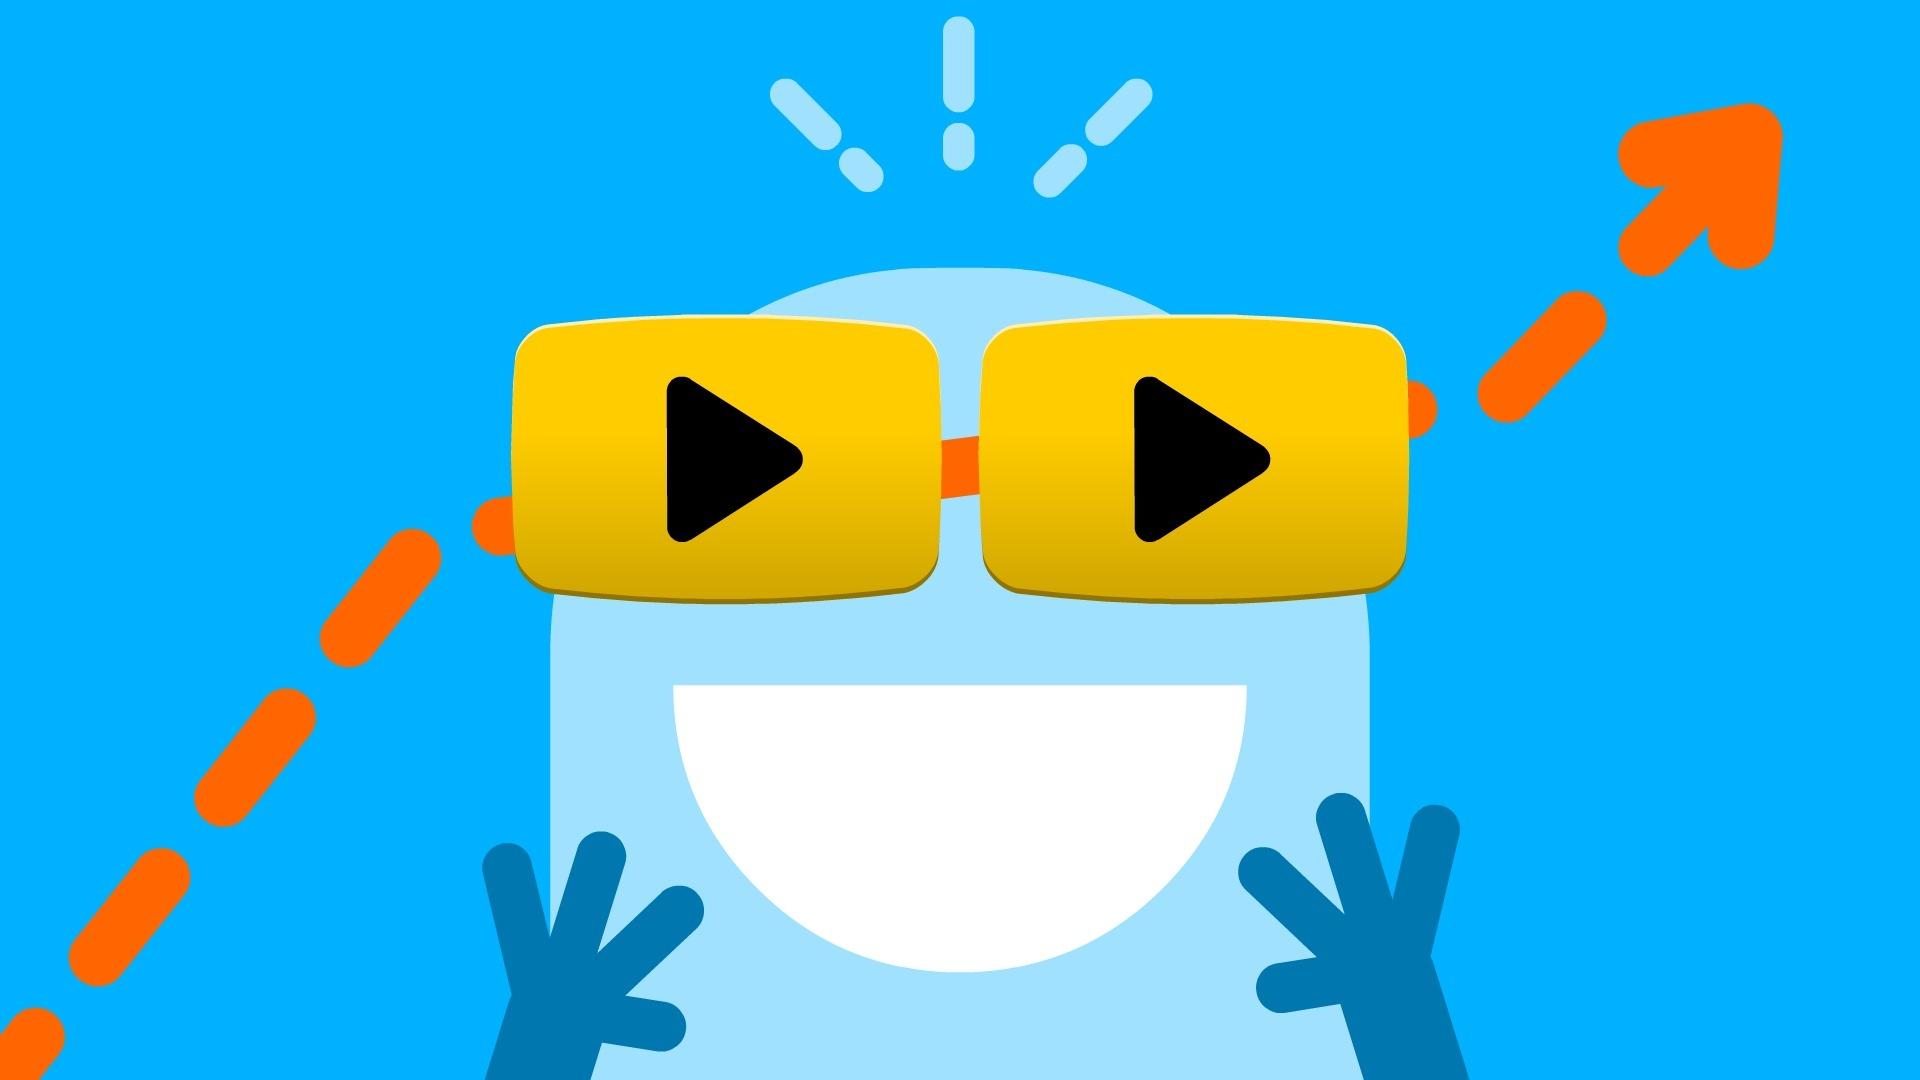 É possível motivar sua equipe com vídeos em animação?